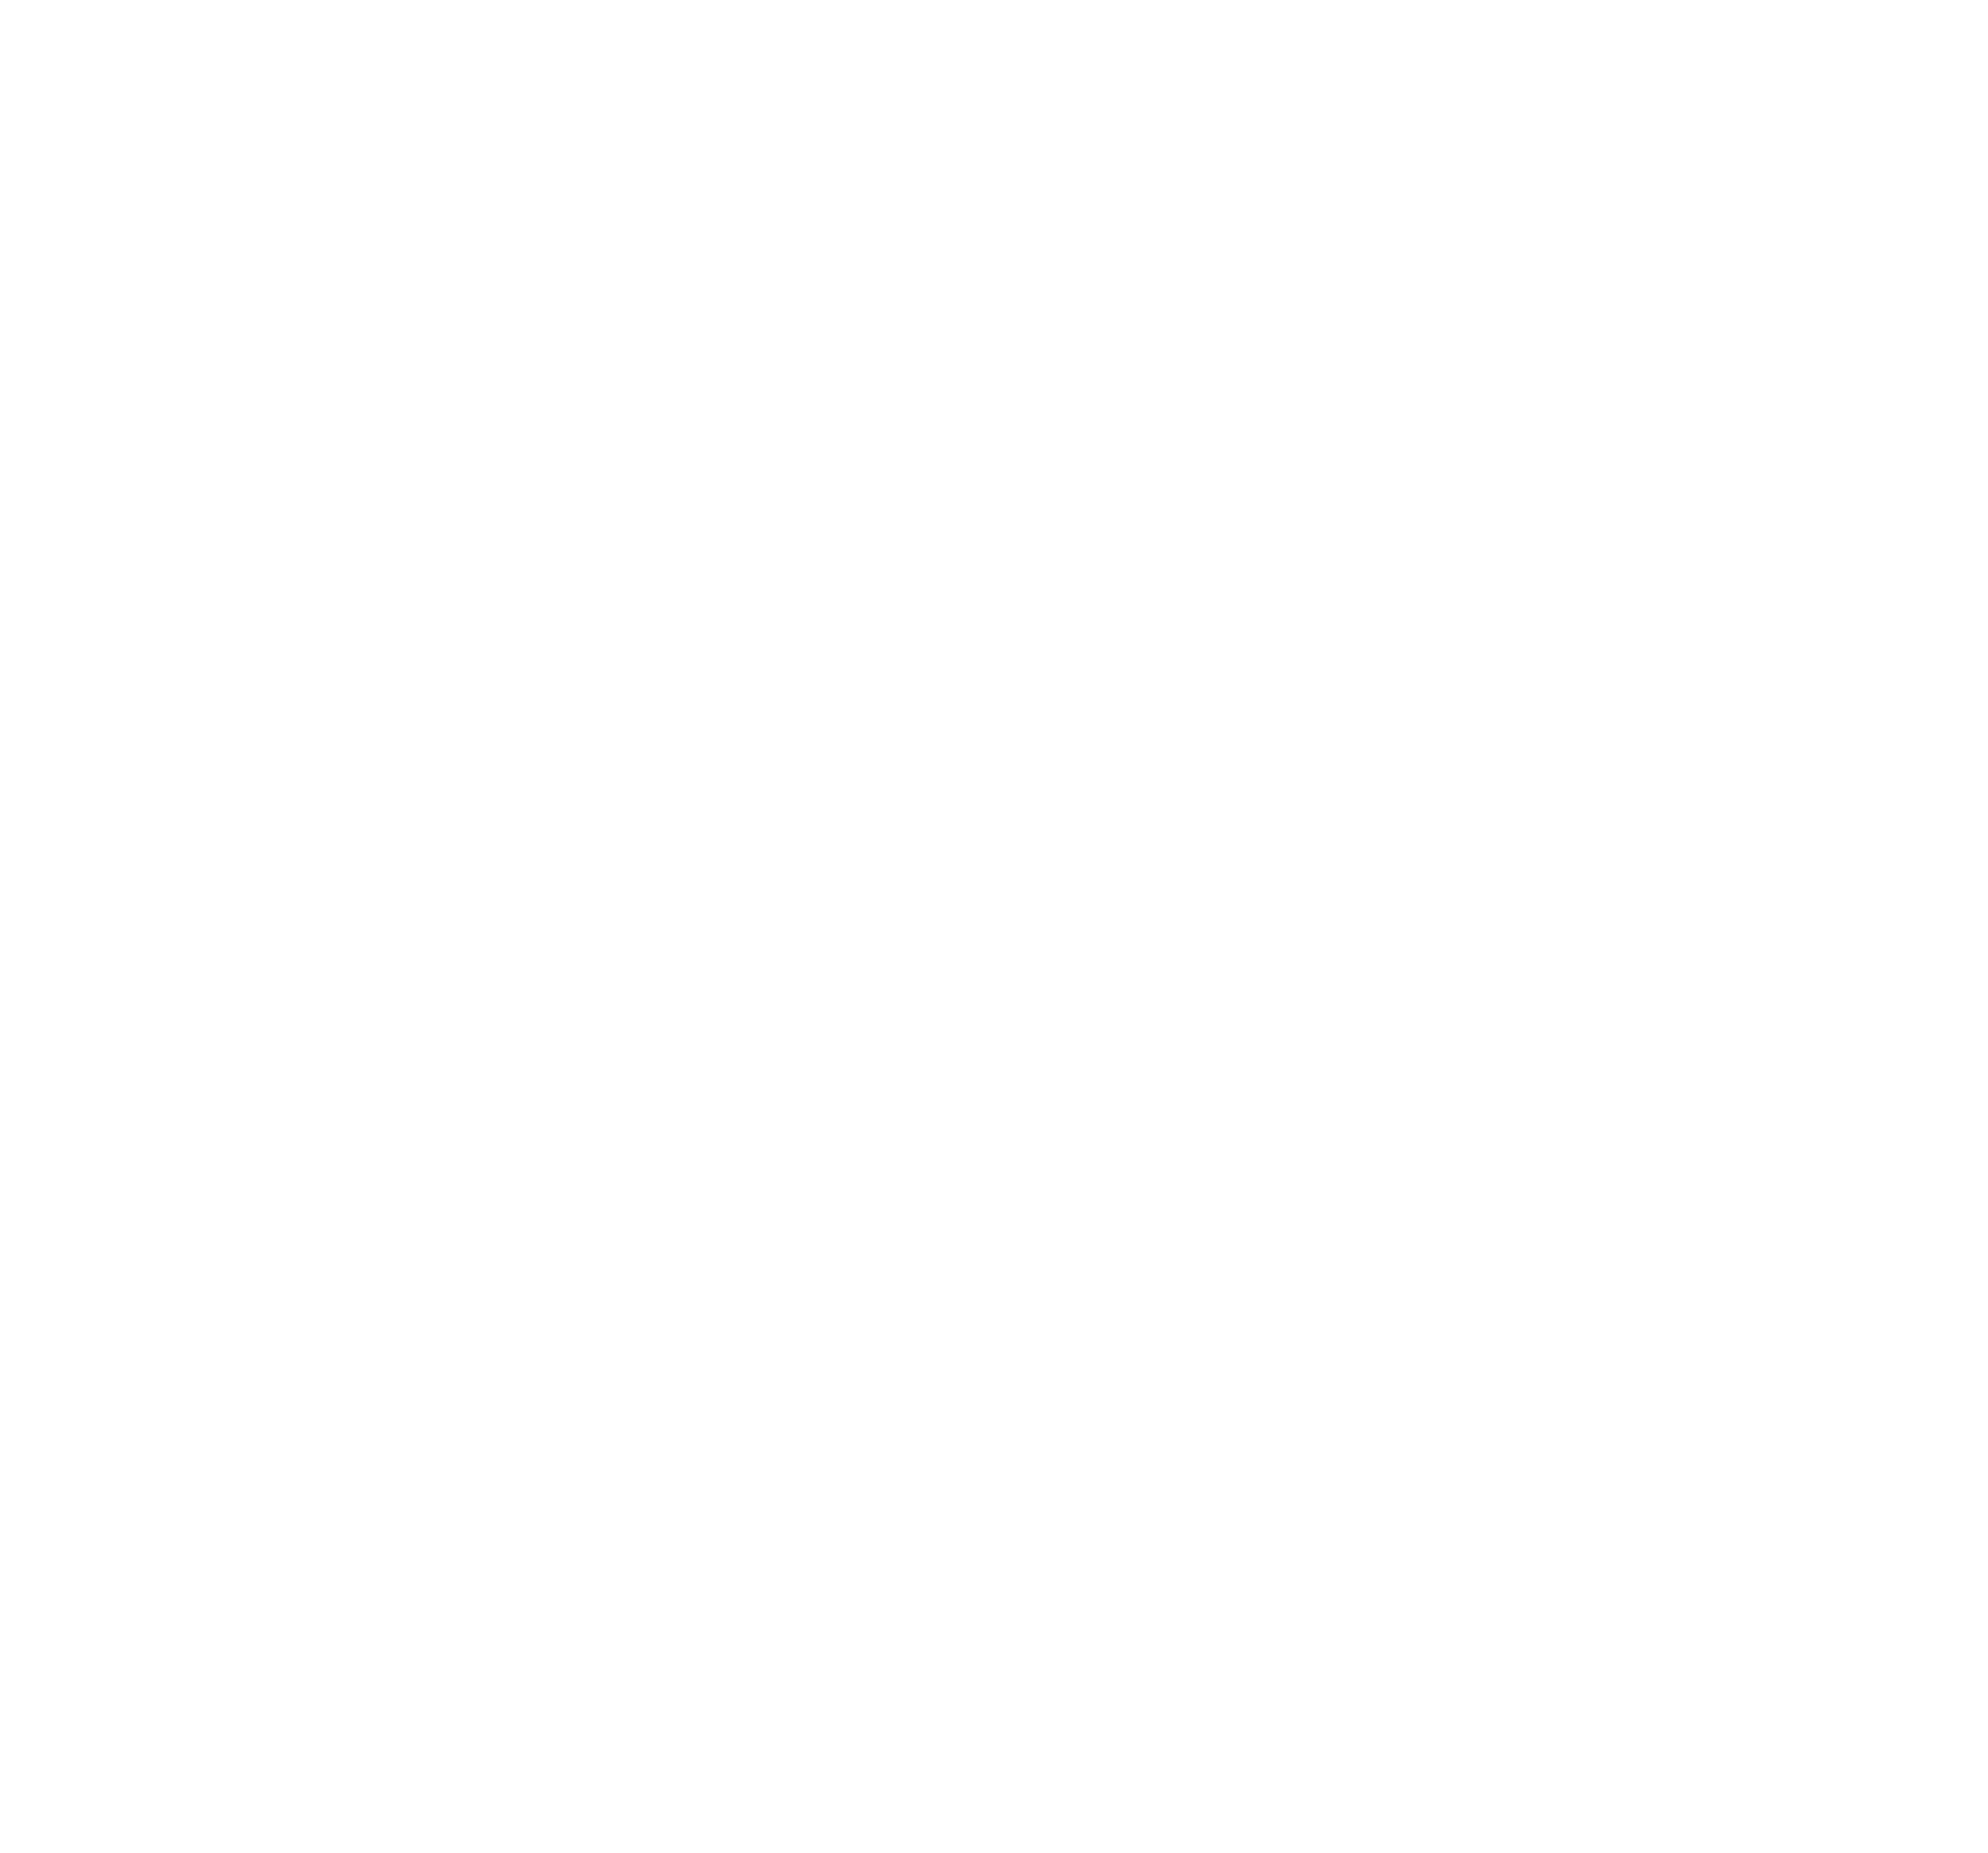 Gridmetrics, Inc.